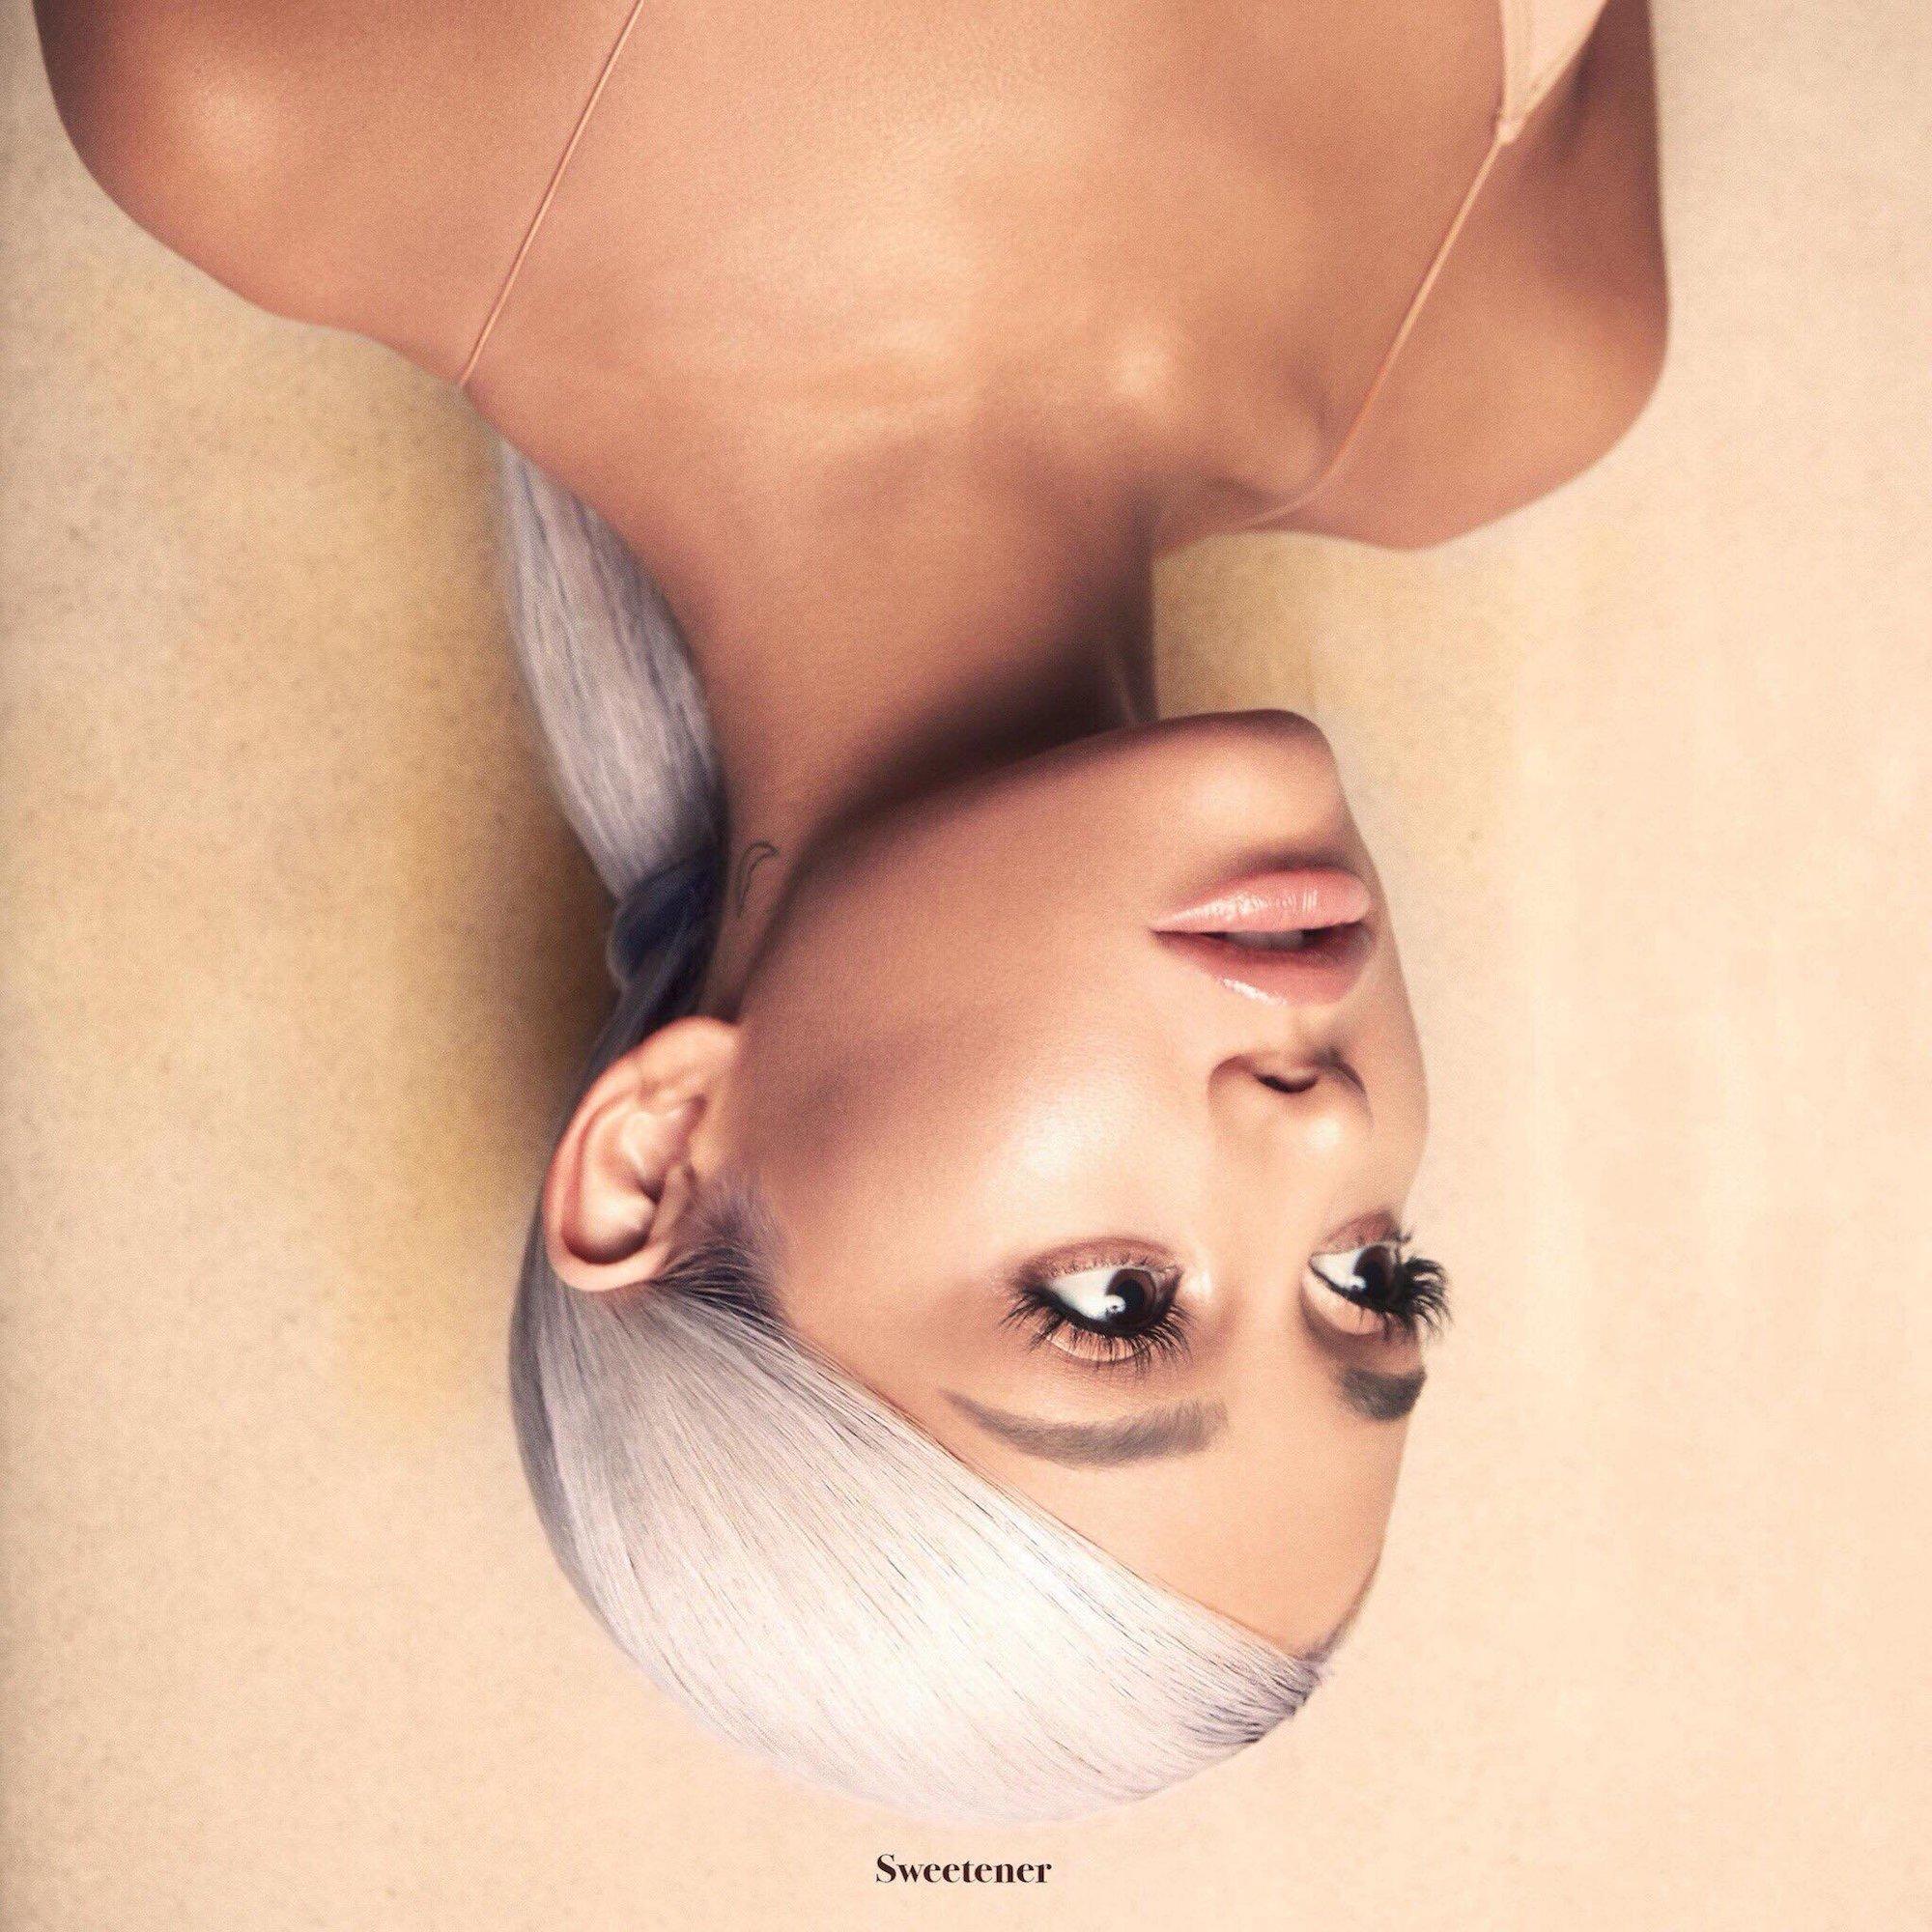 Stream @ArianaGrande's new album 'Sweetener' https://t.co/NajOnCkviP https://t.co/6t36vNBrkQ